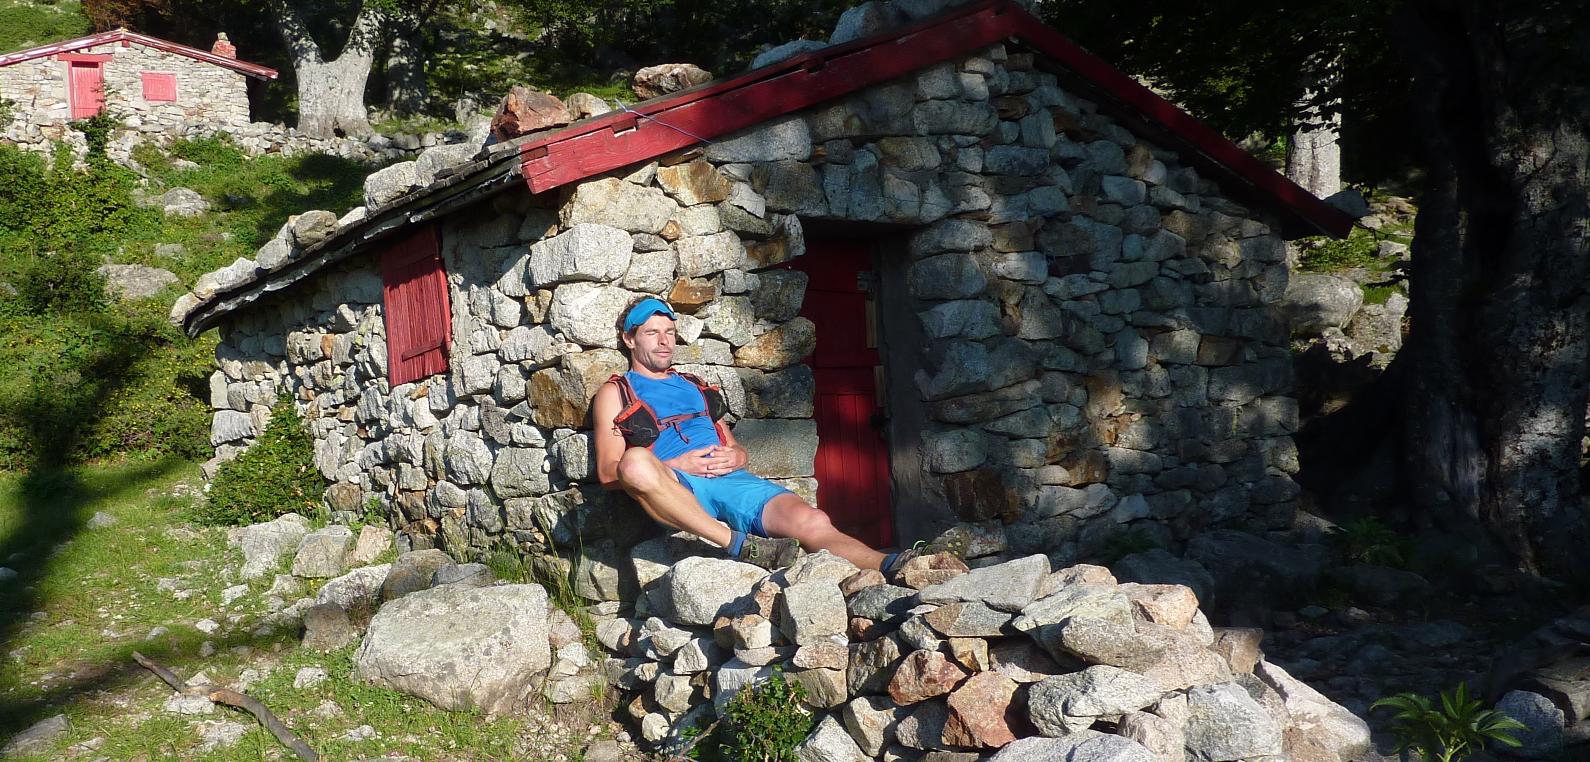 GR20(18) Trans-Korsika by Laufcoaches.com (c) Gerald Blumrich-Matthias chillt